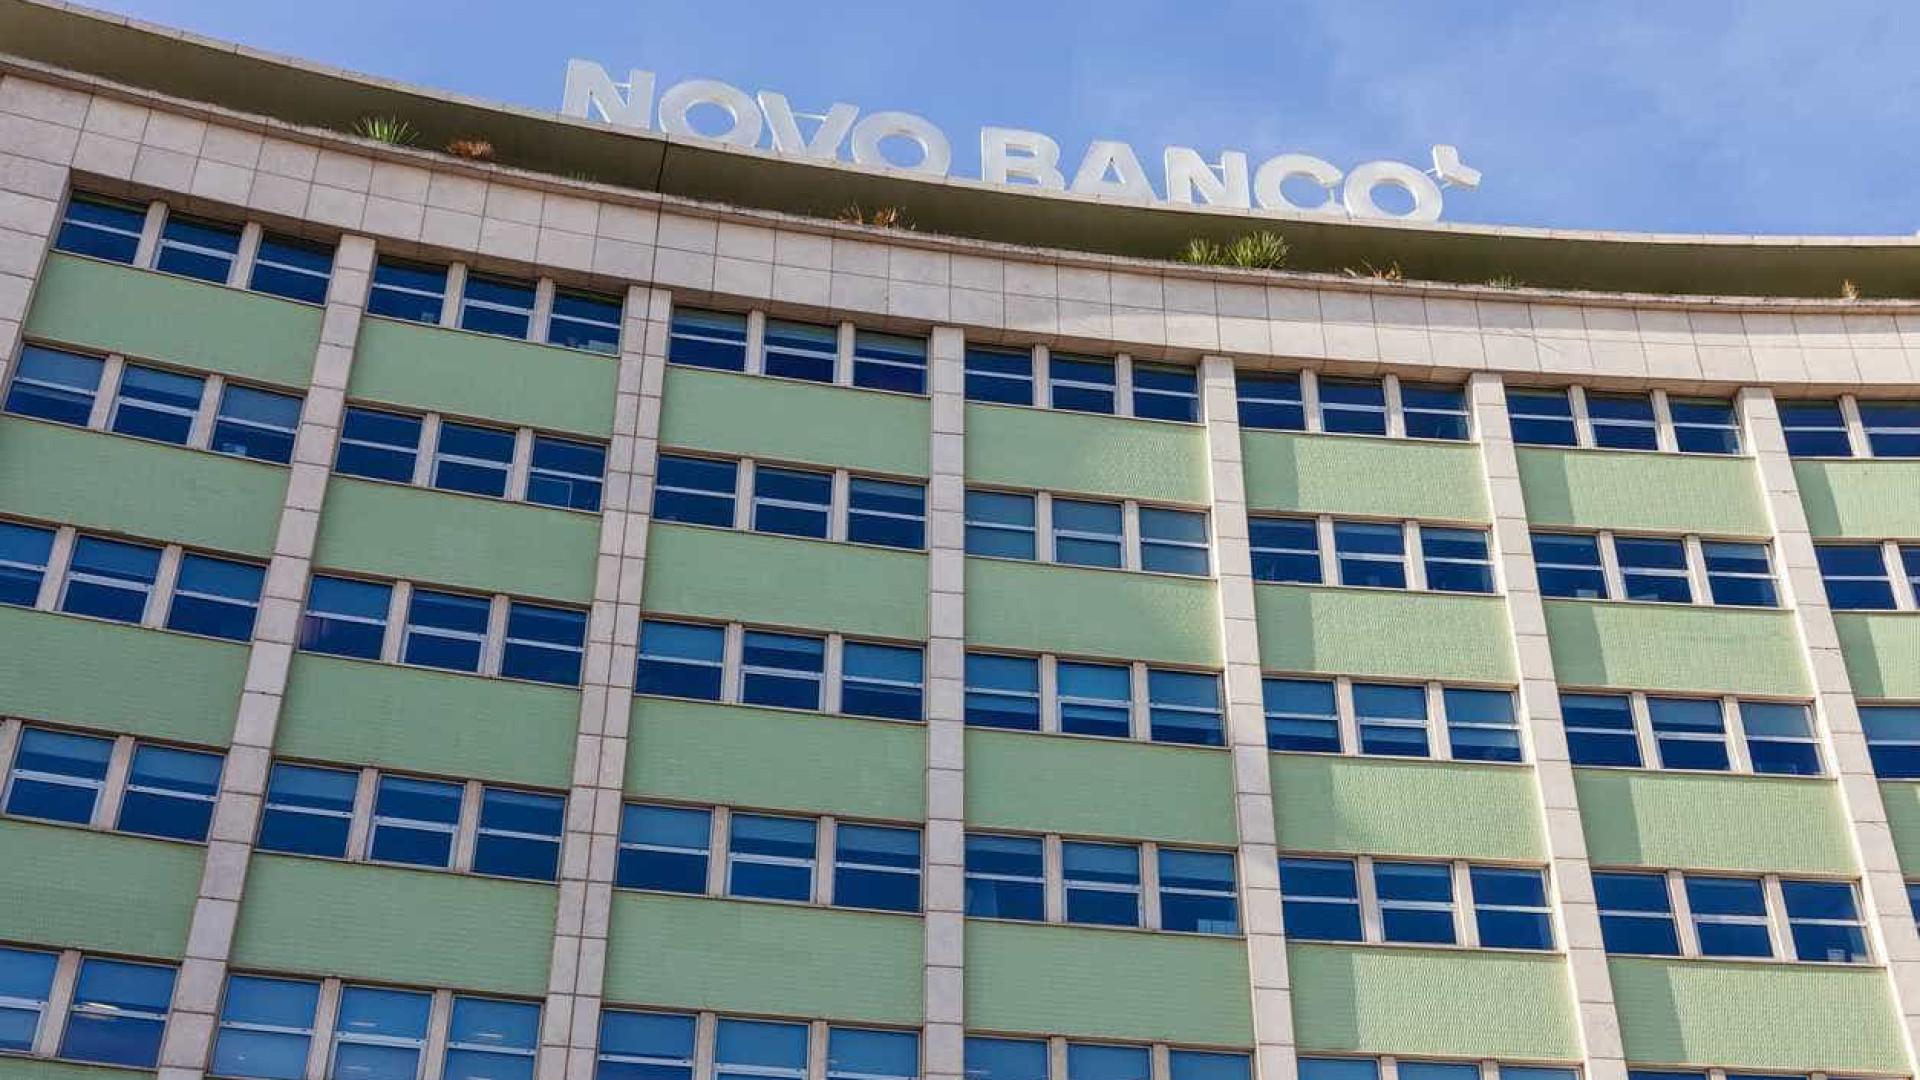 Novo Banco: Saíram mais de 2 mil trabalhadores. Reestruturação prossegue